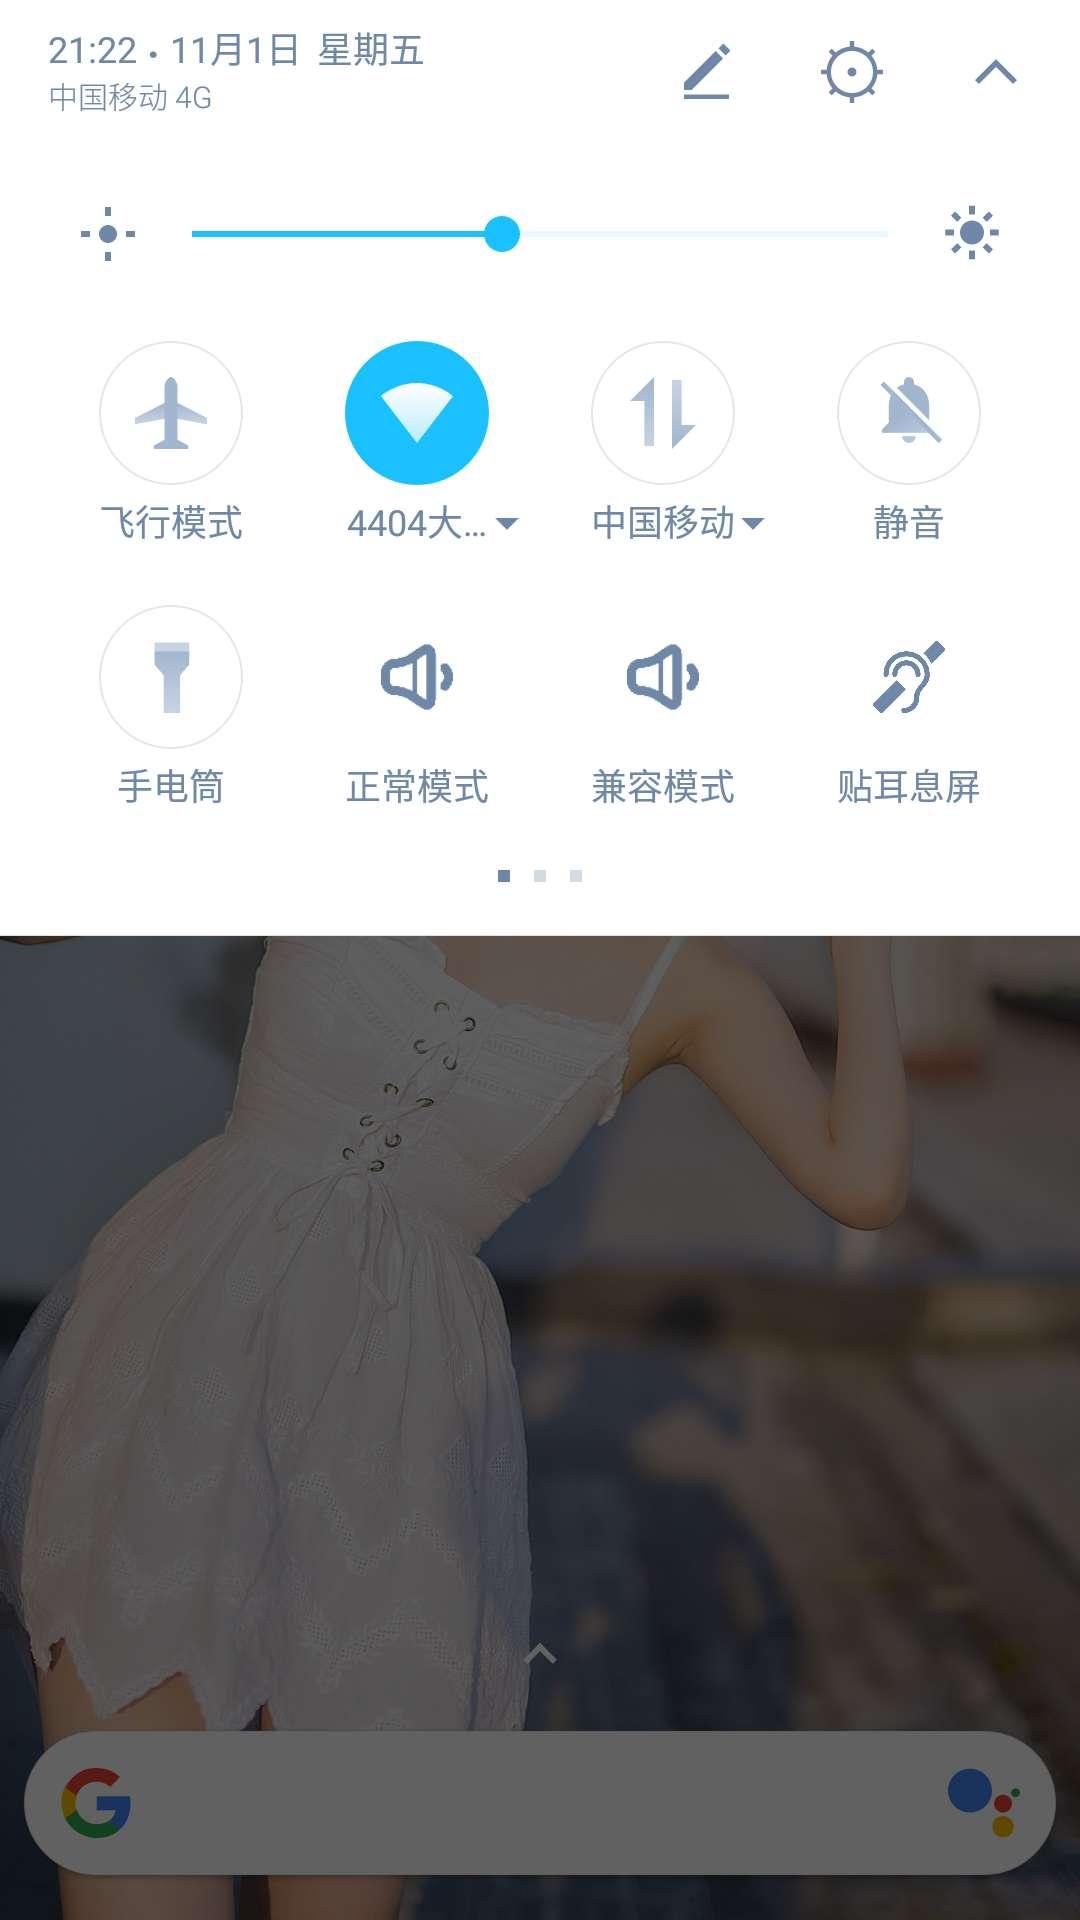 【分享】完全静音 V2.1 Android